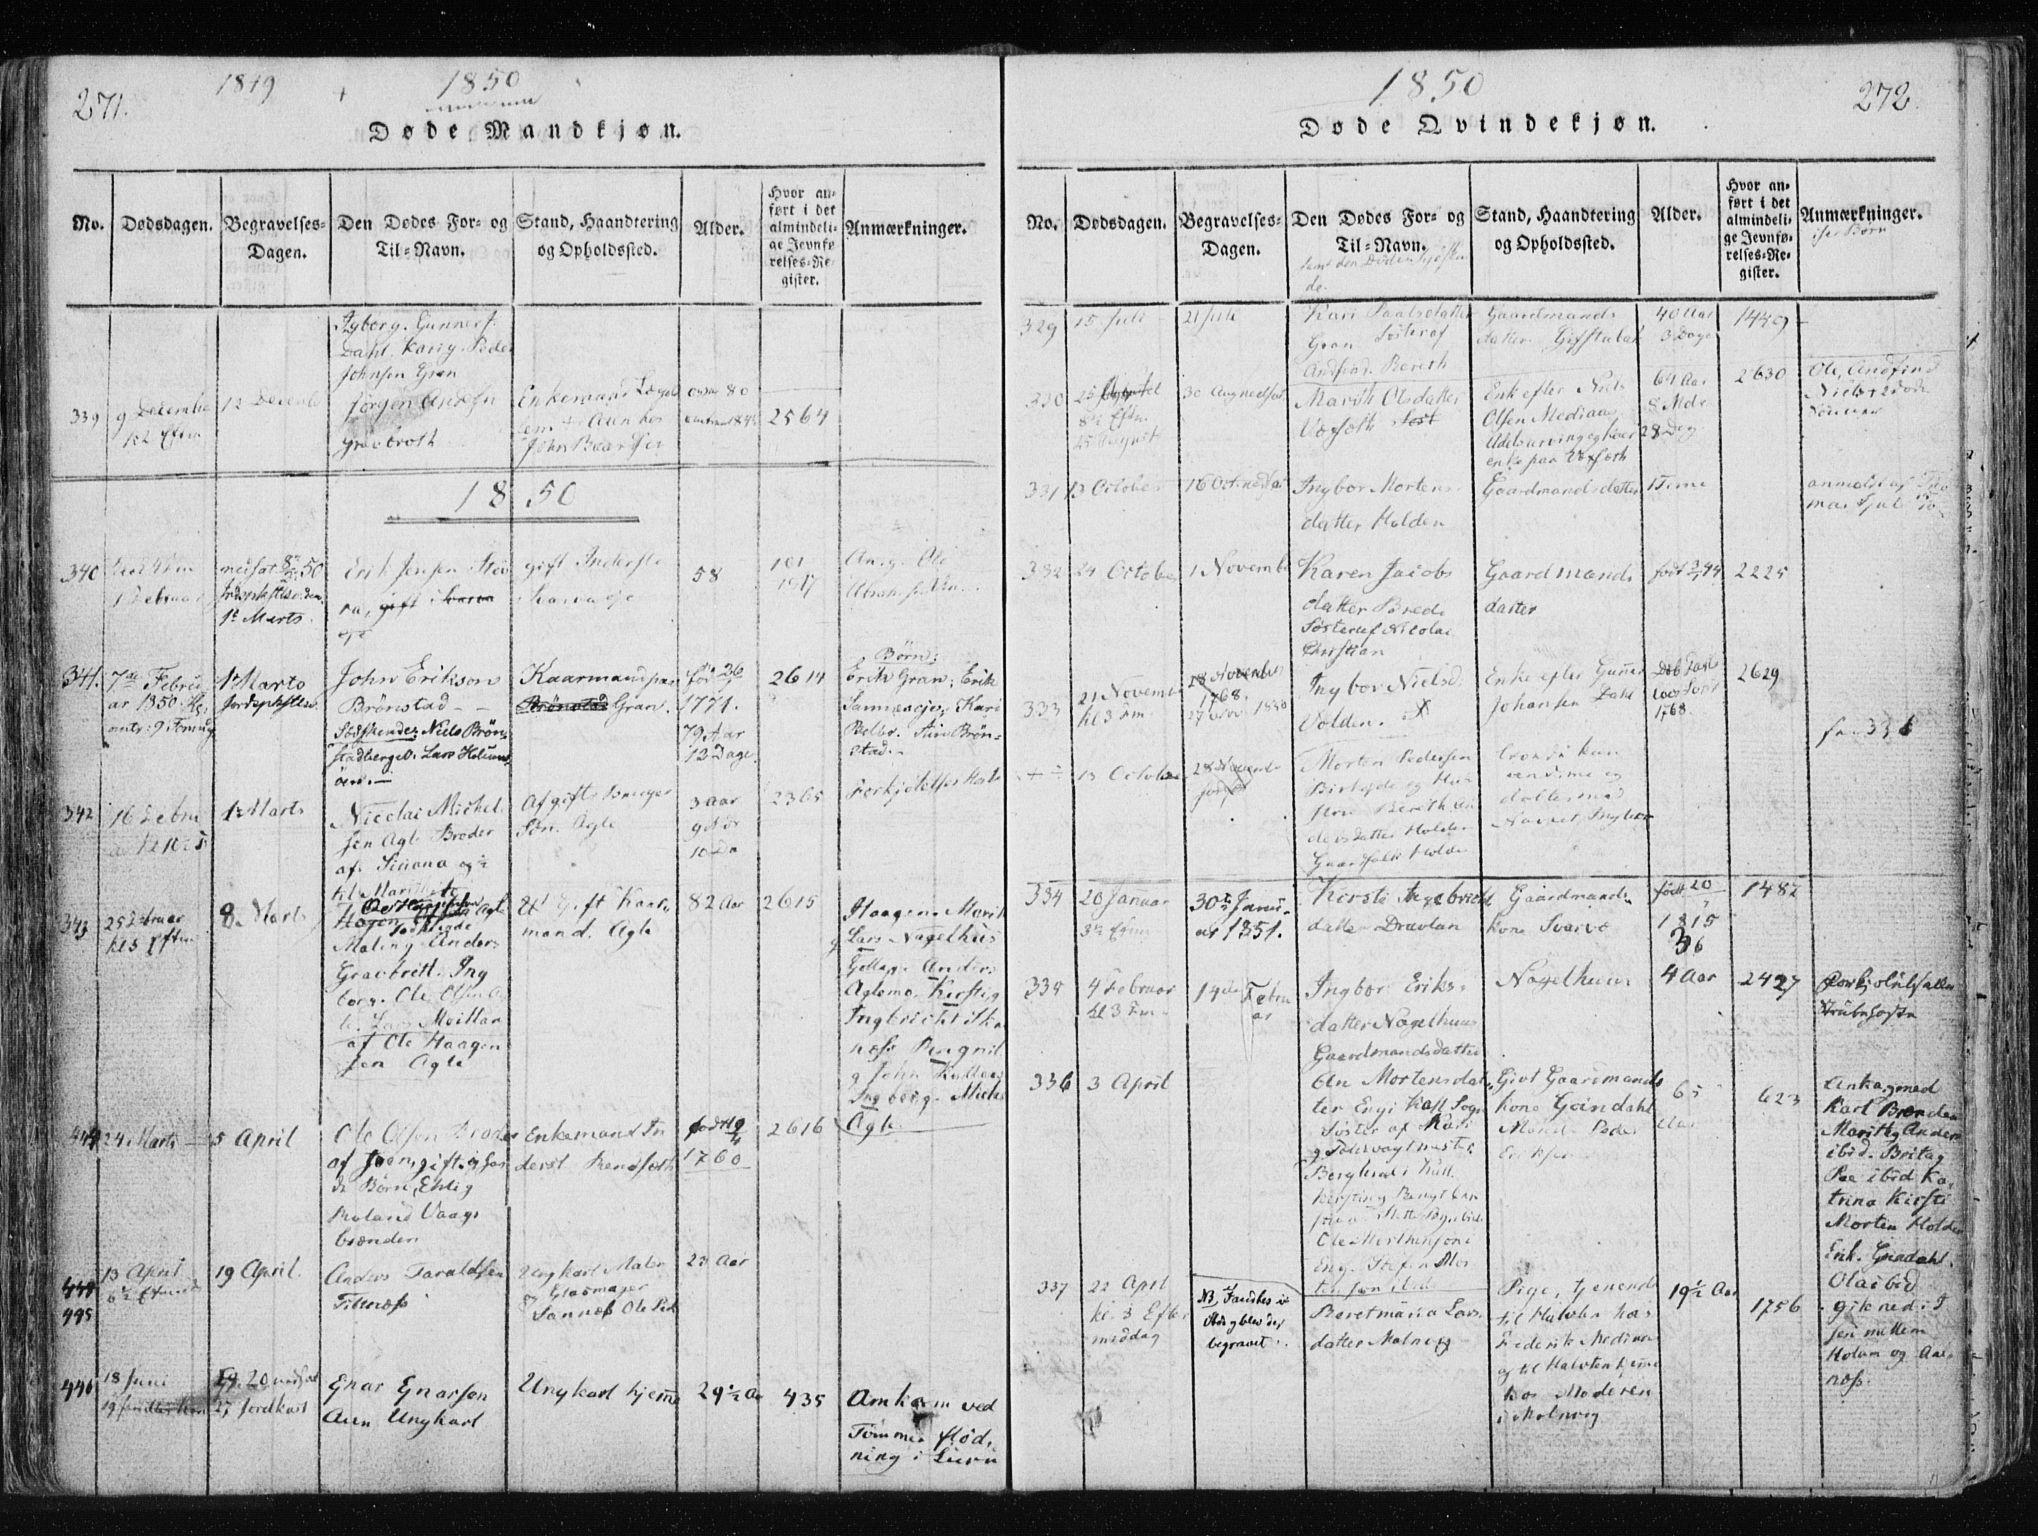 SAT, Ministerialprotokoller, klokkerbøker og fødselsregistre - Nord-Trøndelag, 749/L0469: Ministerialbok nr. 749A03, 1817-1857, s. 271-272